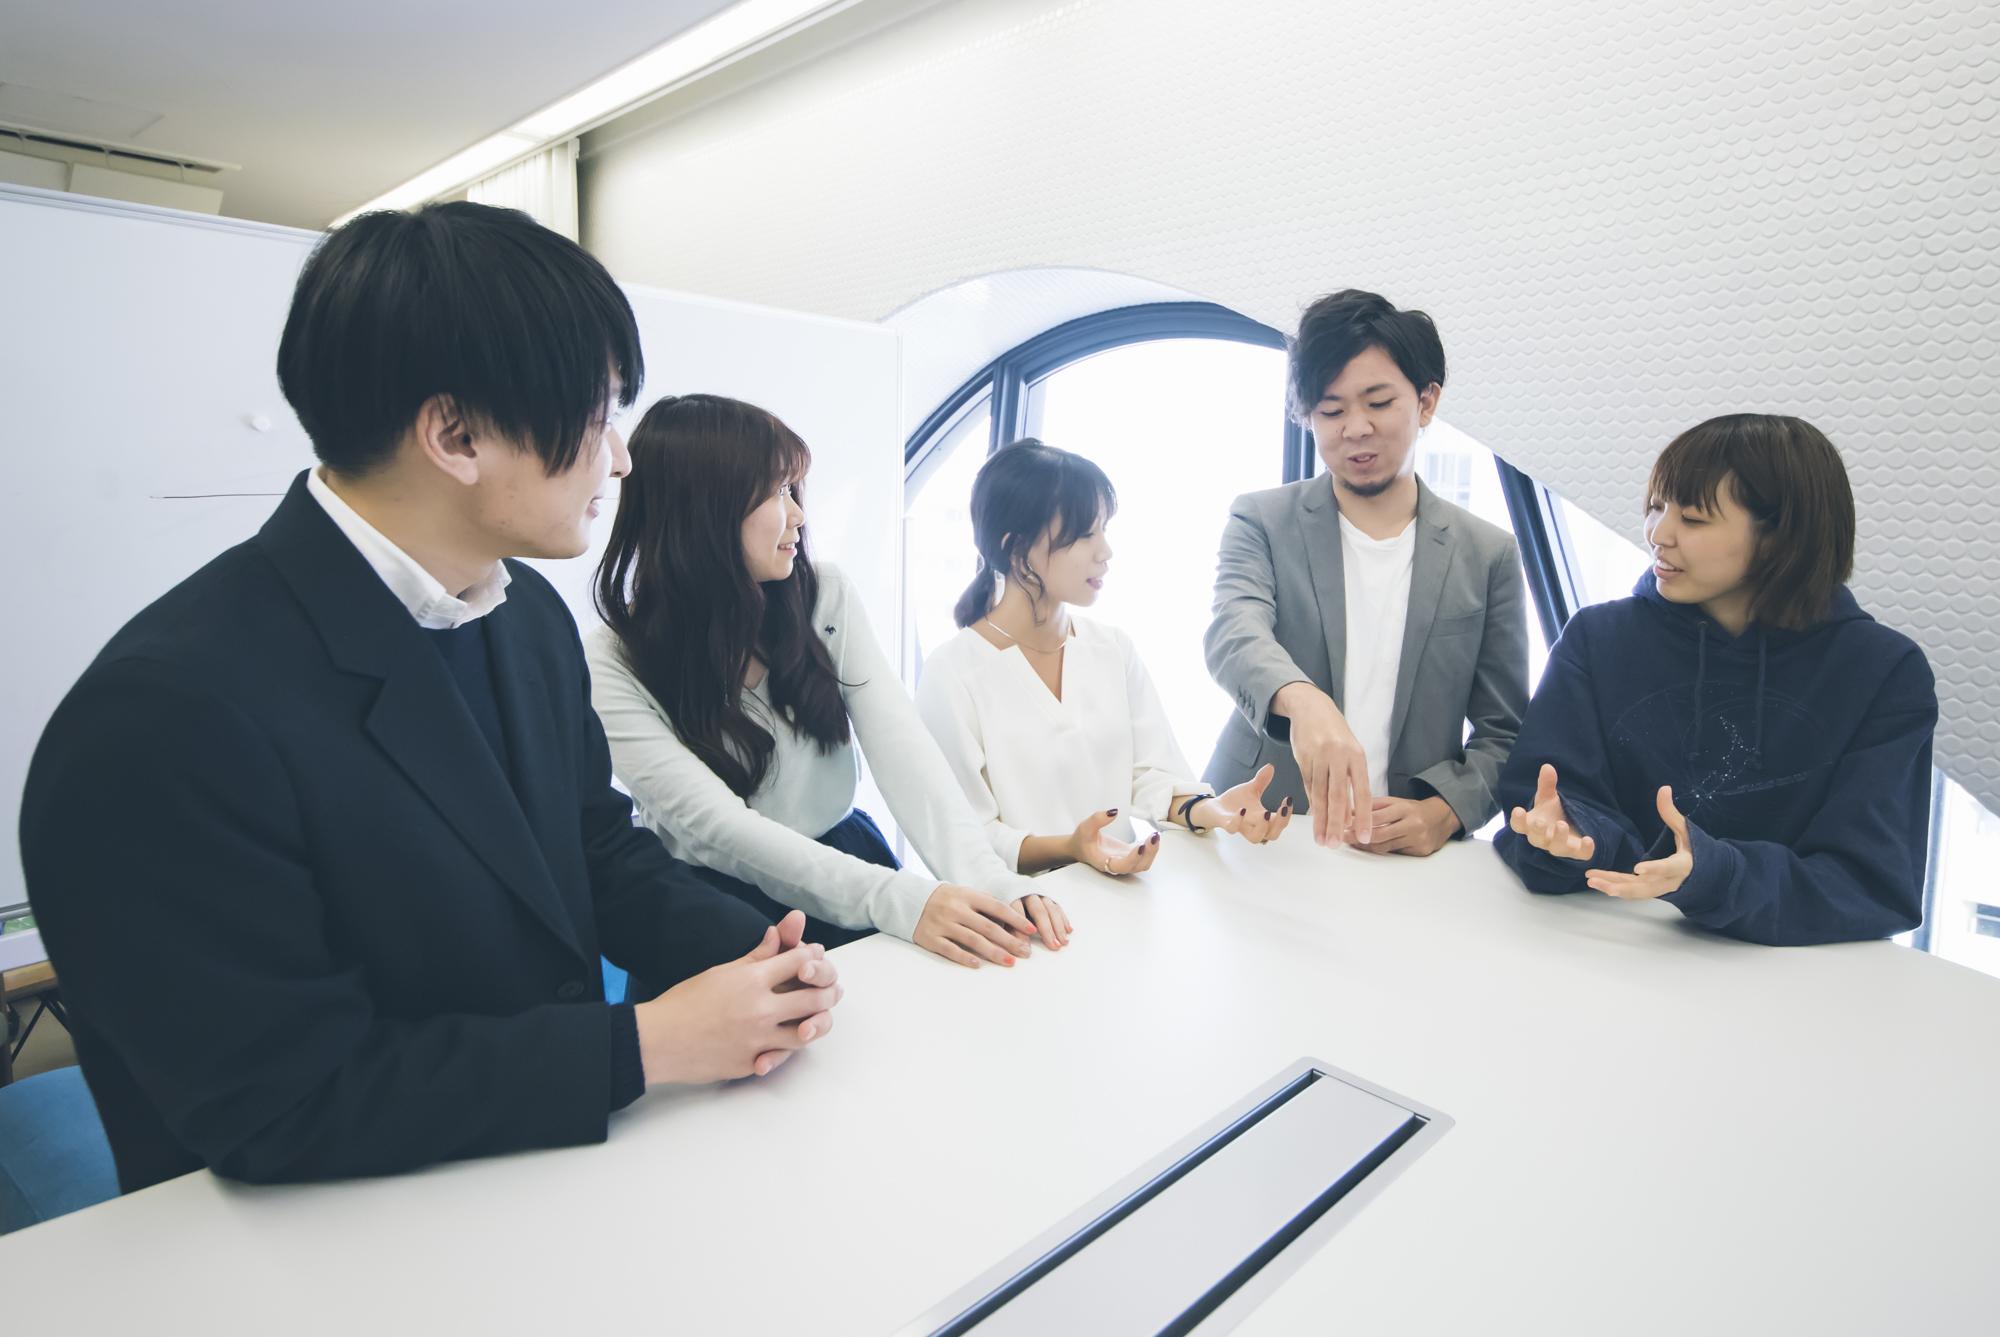 先輩社員や代表にも仕事の相談ができる環境です。